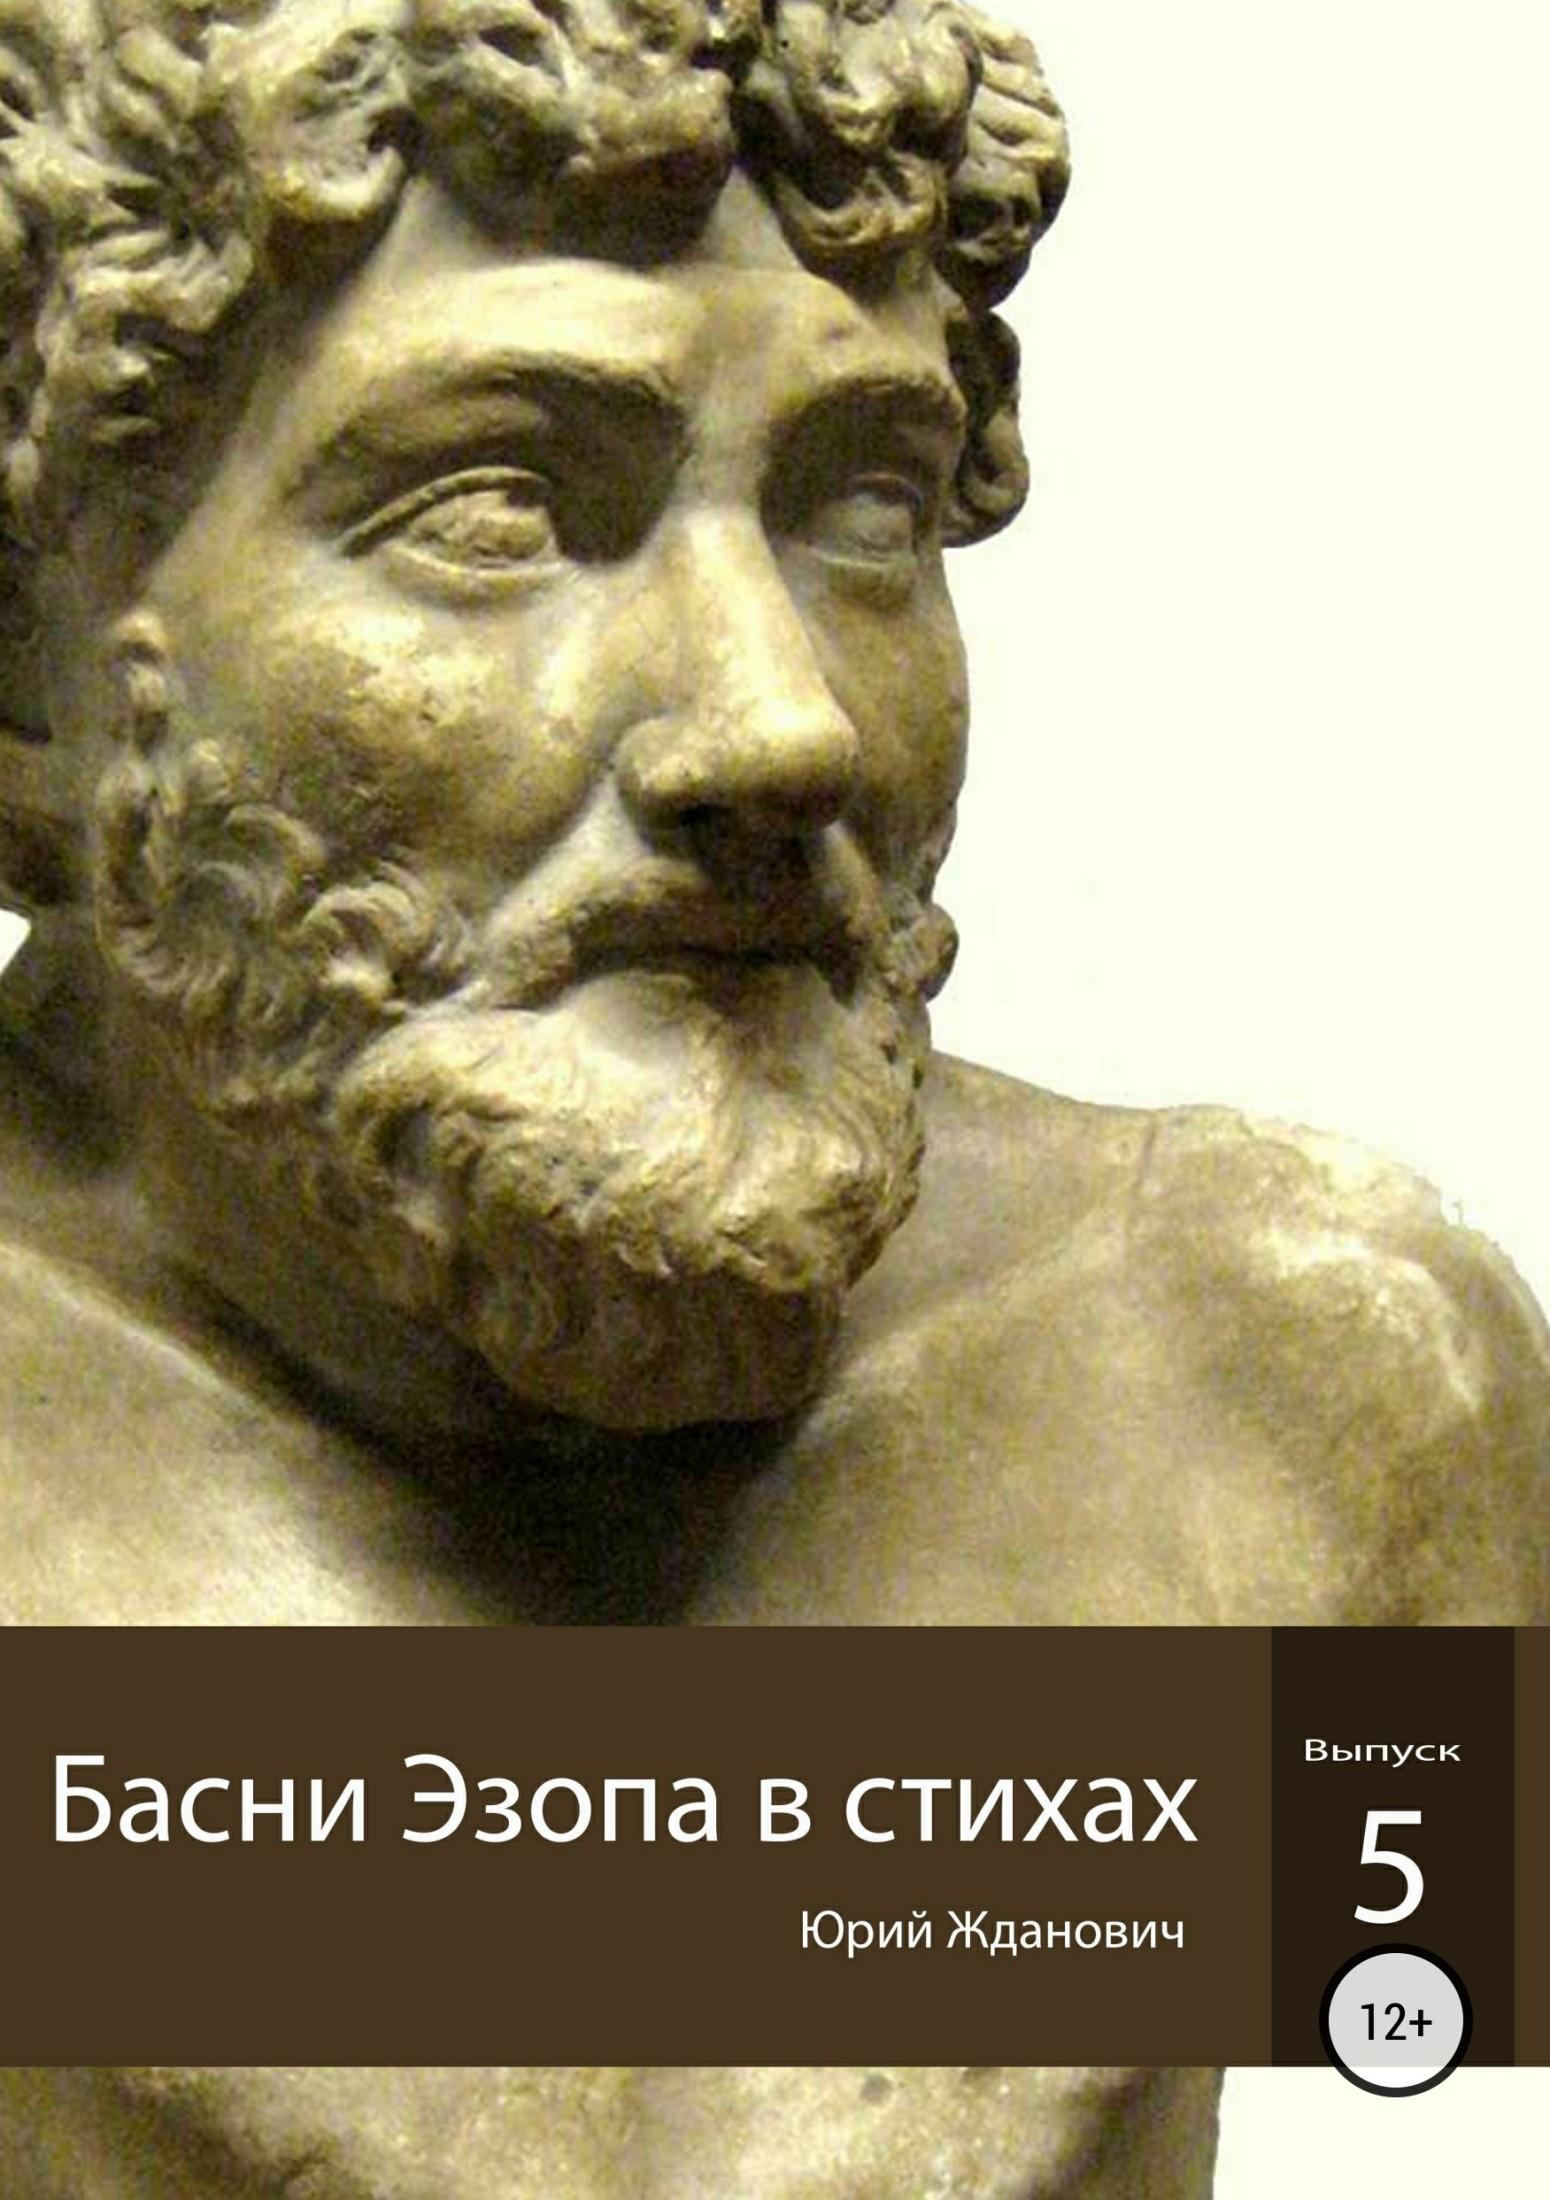 Басни Эзопа в стихах. Выпуск 5